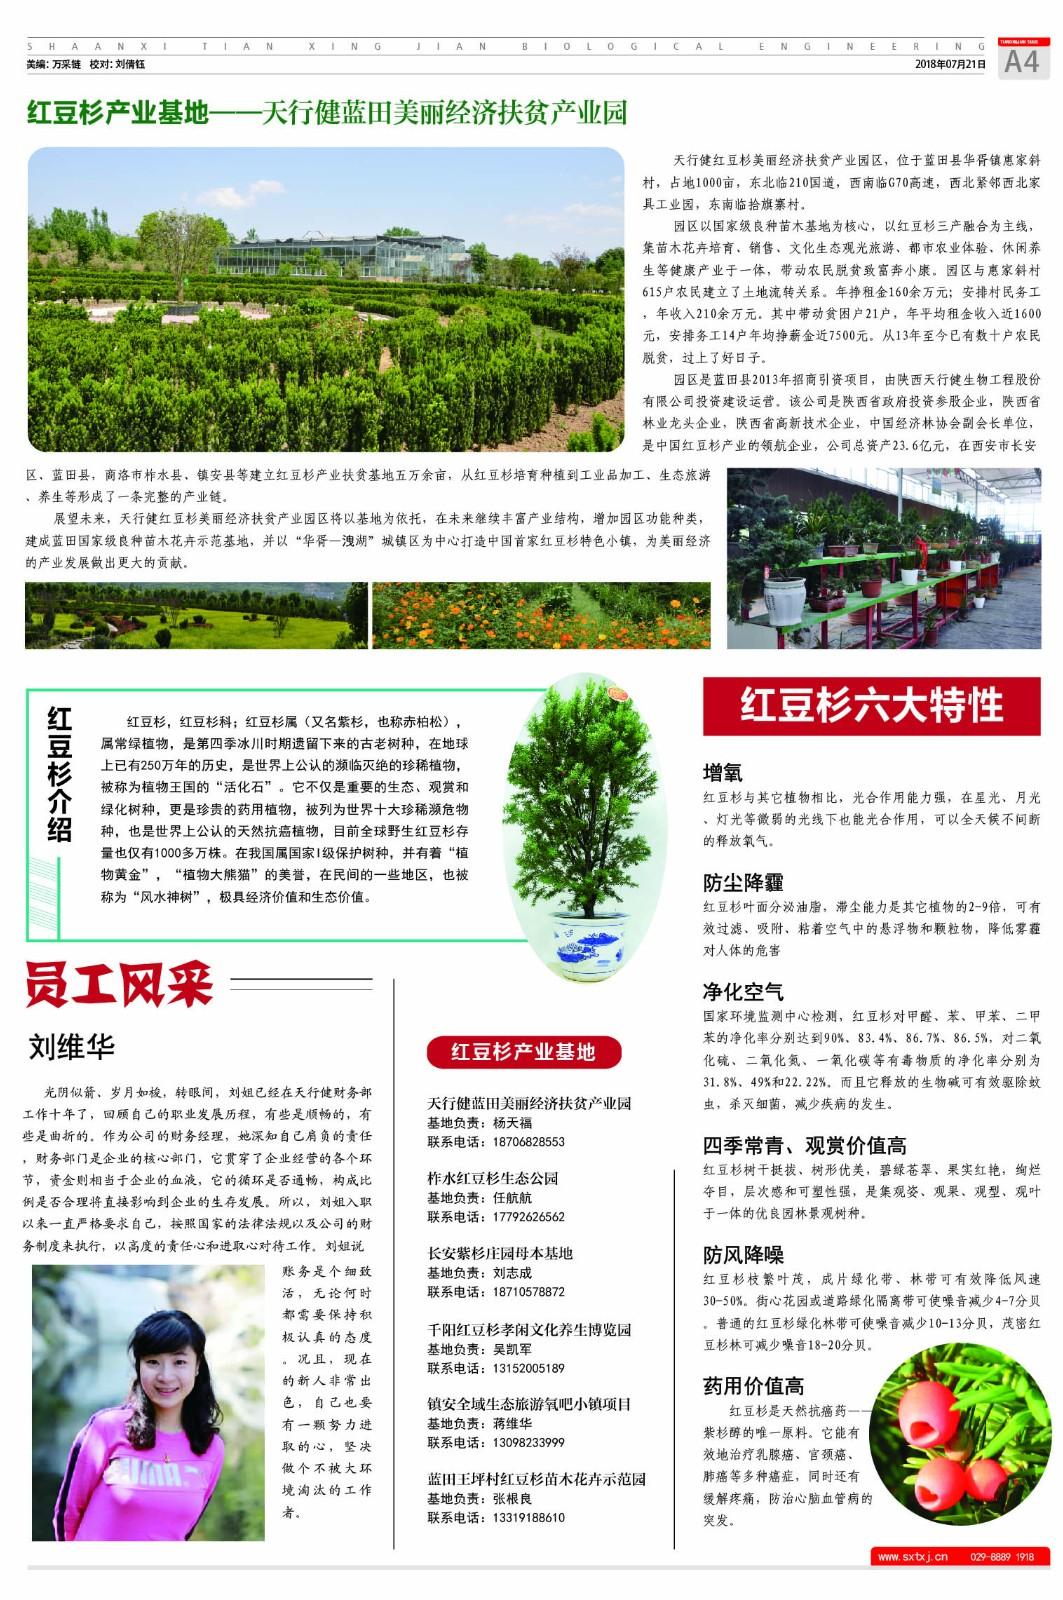 天行健红豆杉第八期报纸出版|公司月报-陕西天行健生物工程股份有限公司